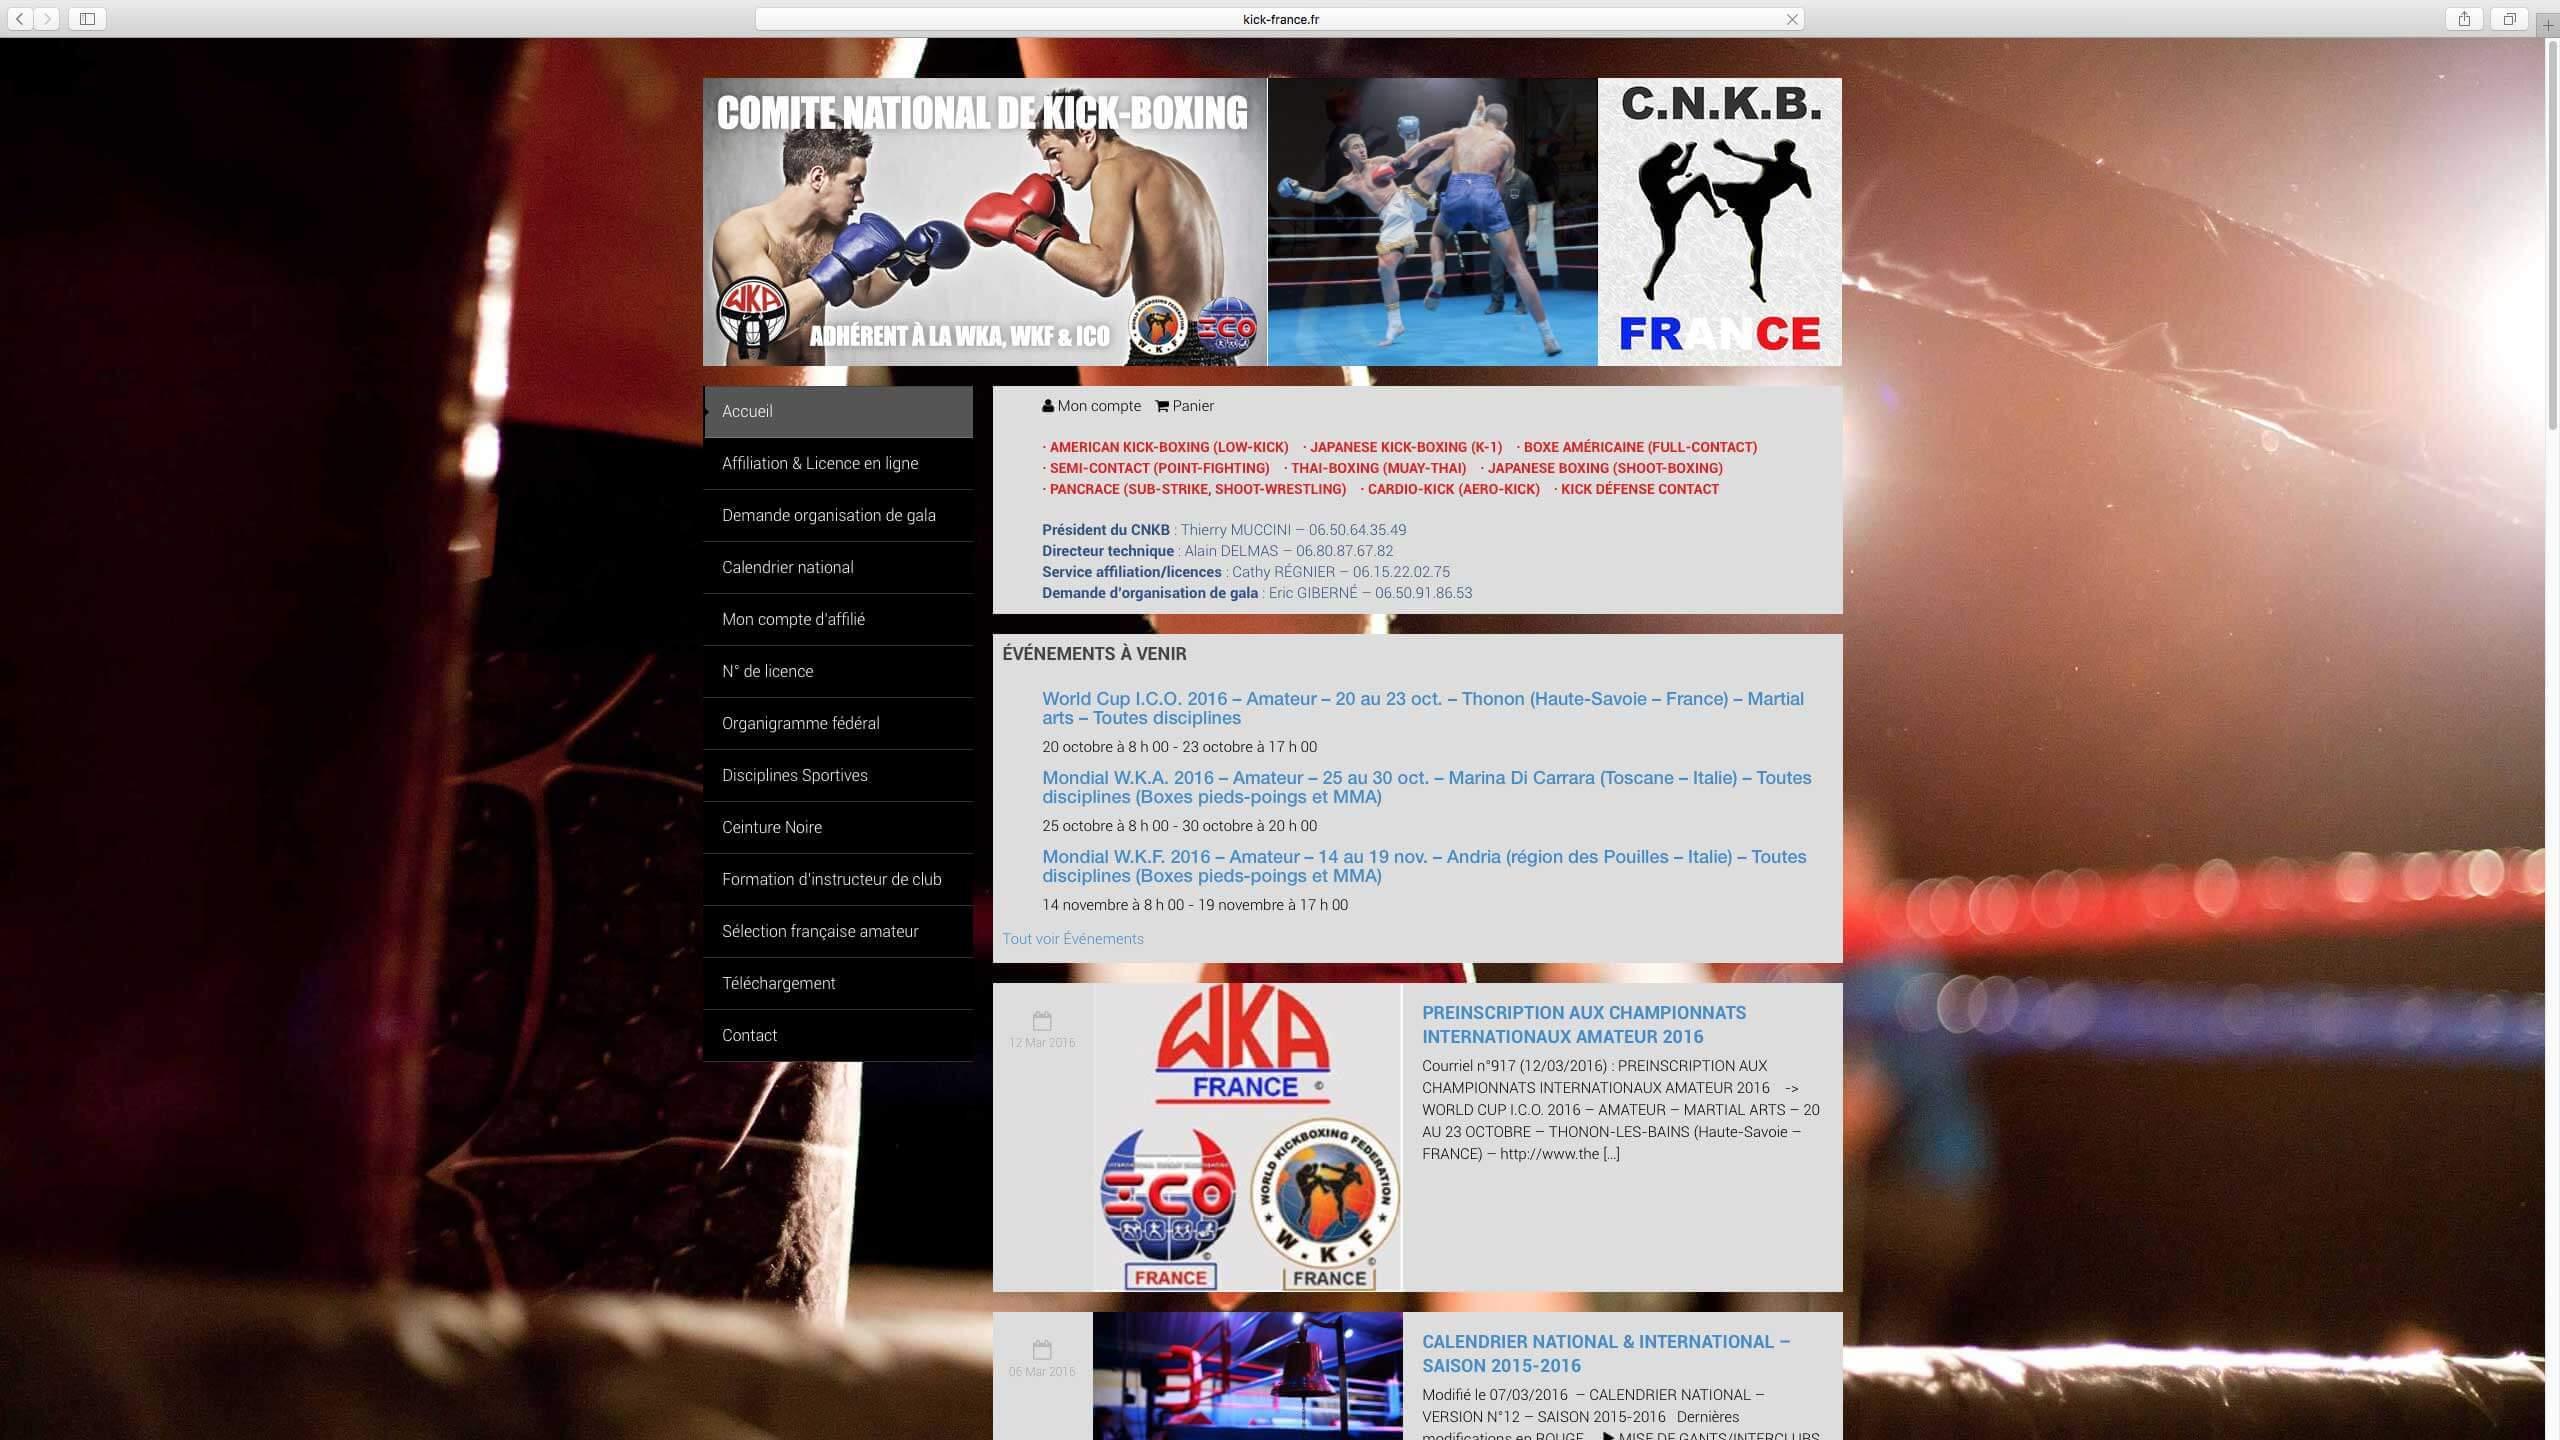 Capture d'écran du site internet Kick France réalisé par Kevin de Sousa